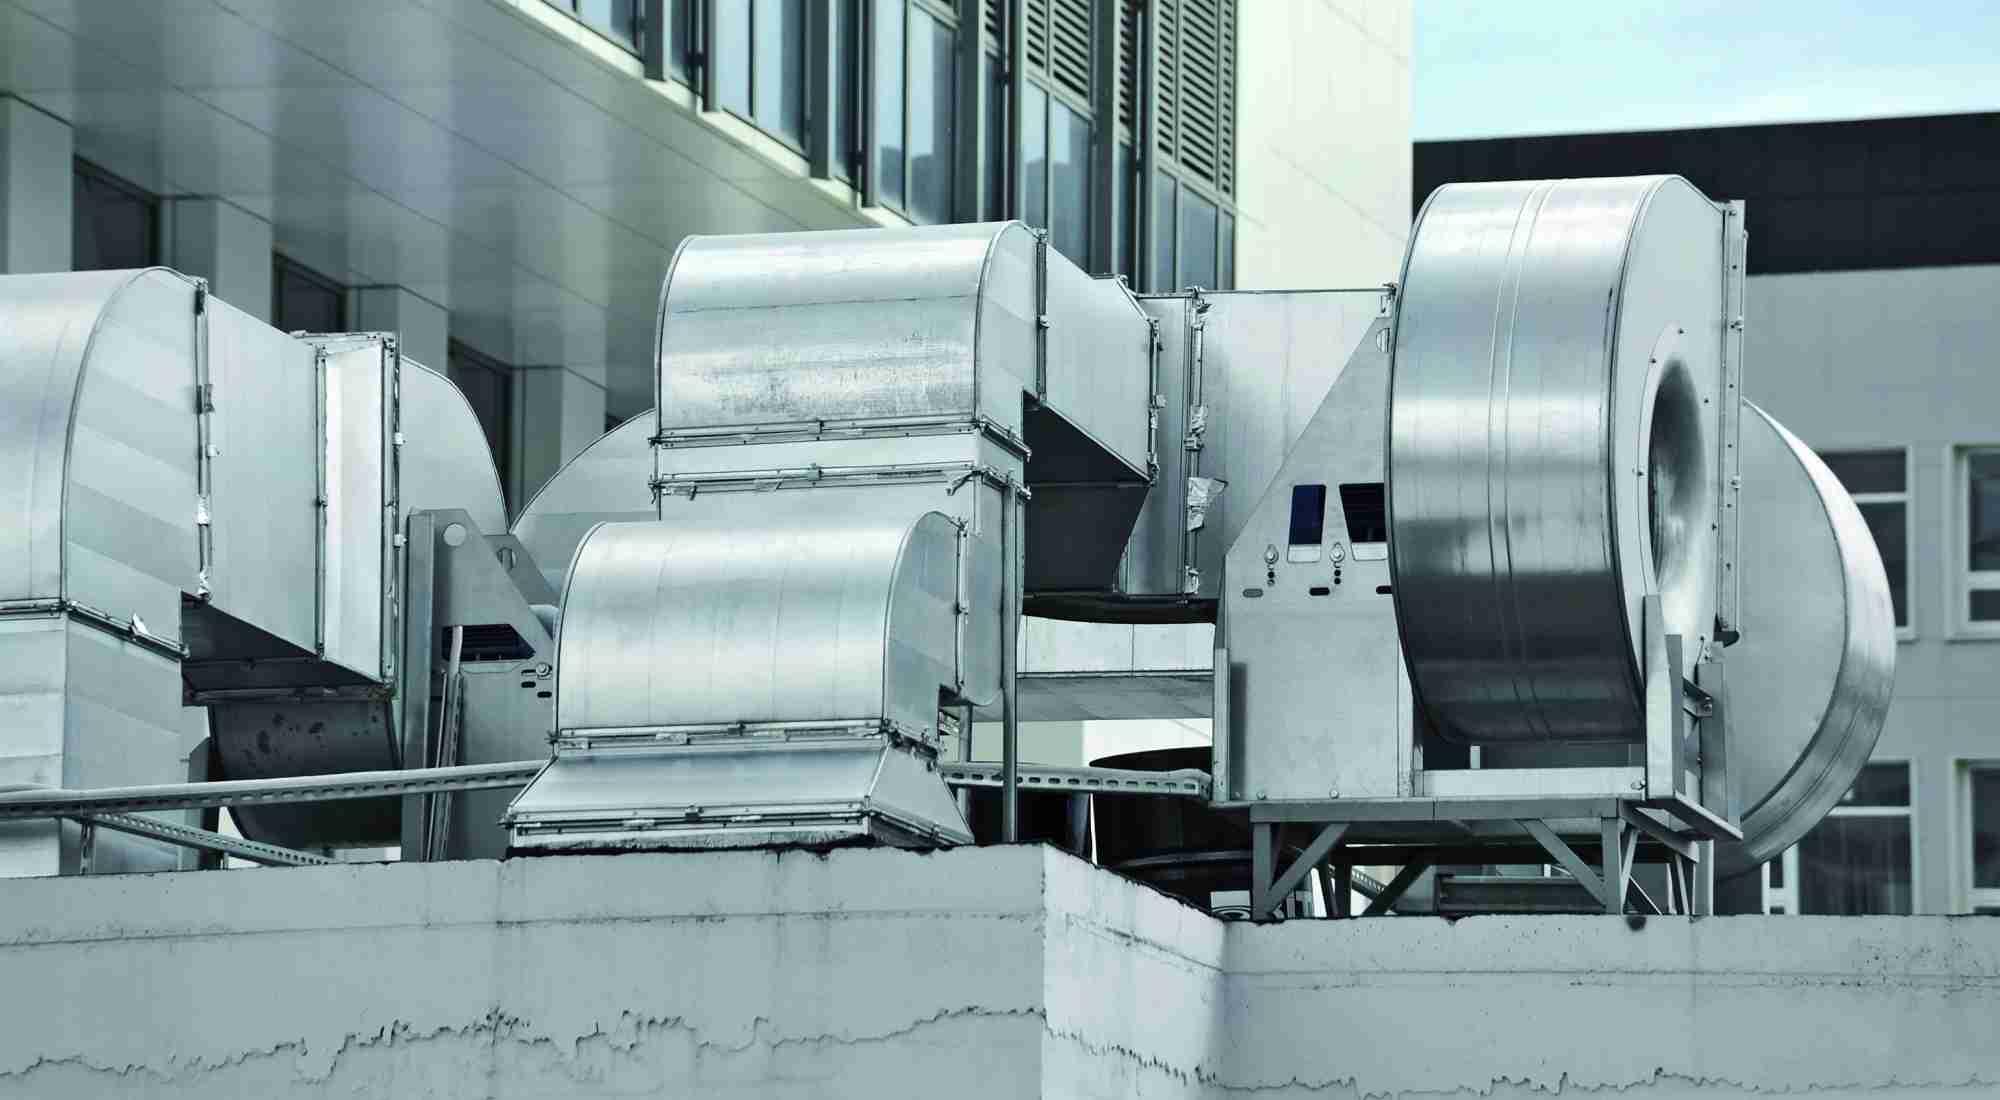 Chauffage industriel : Pourquoi opter pour un système de chauffage ?